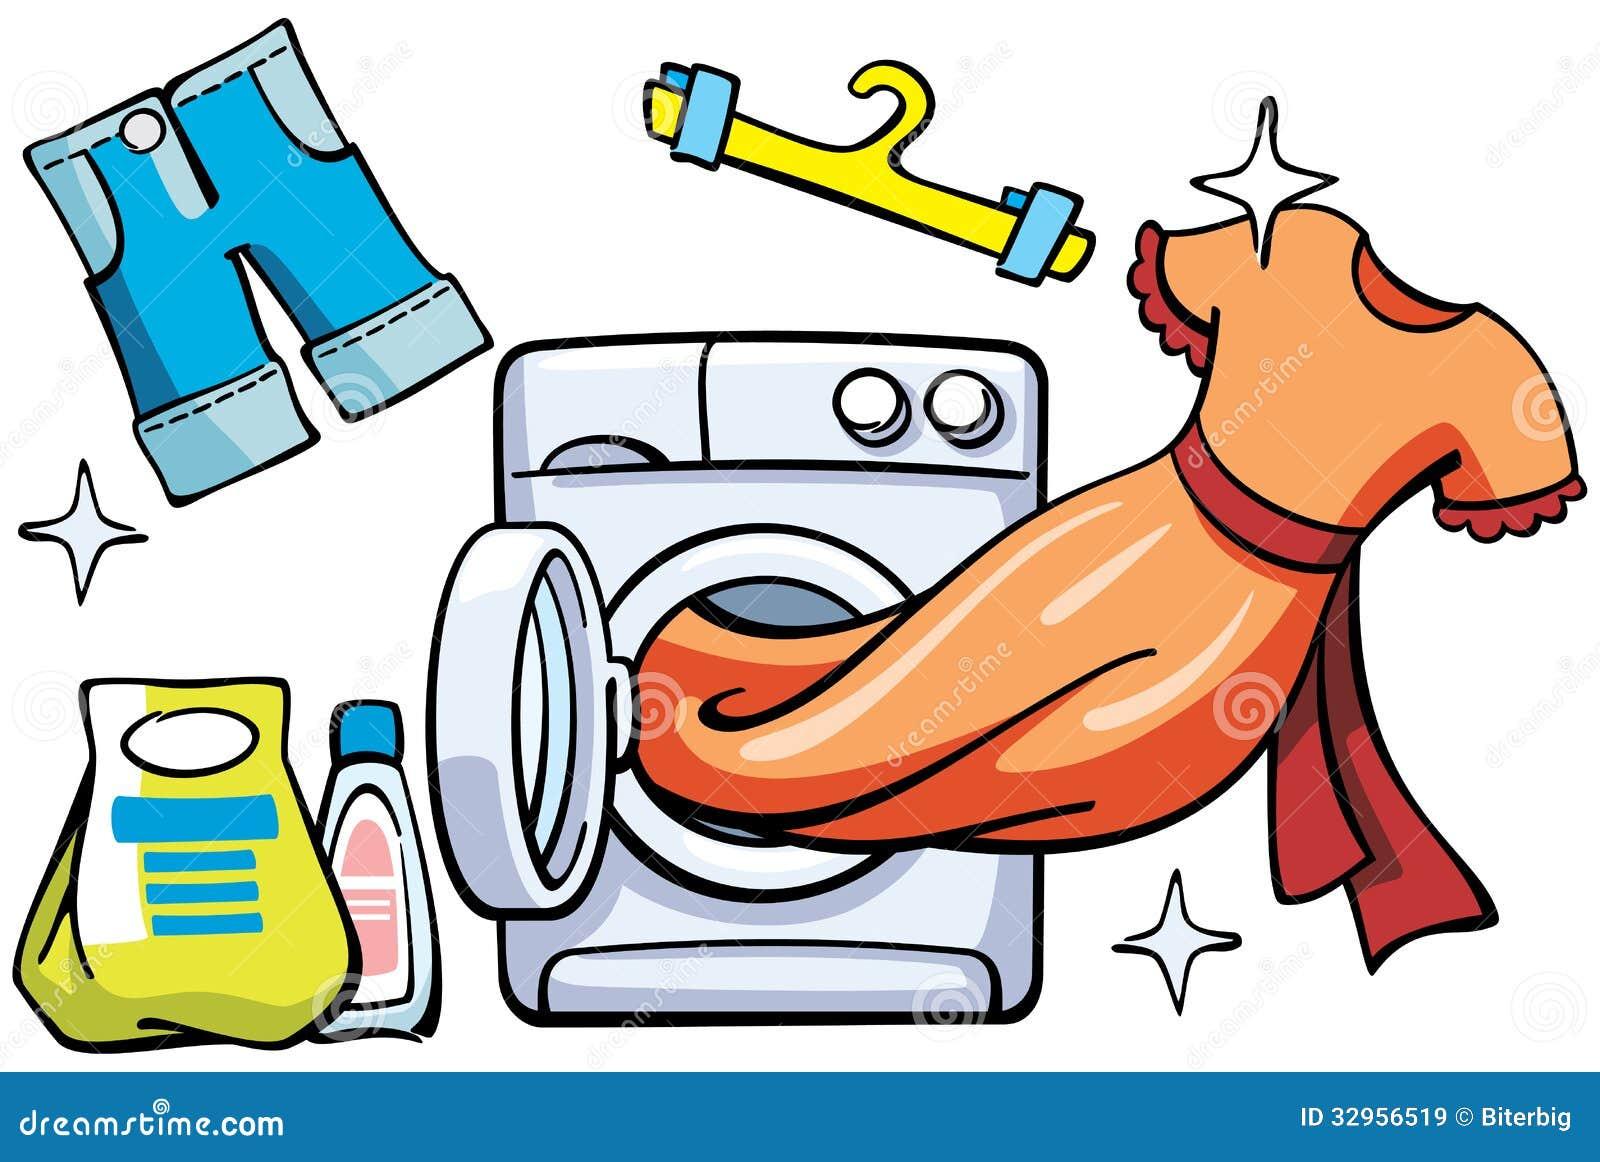 Laundry Detergent Clipart laundry detergent clipart - more information on smart-soft